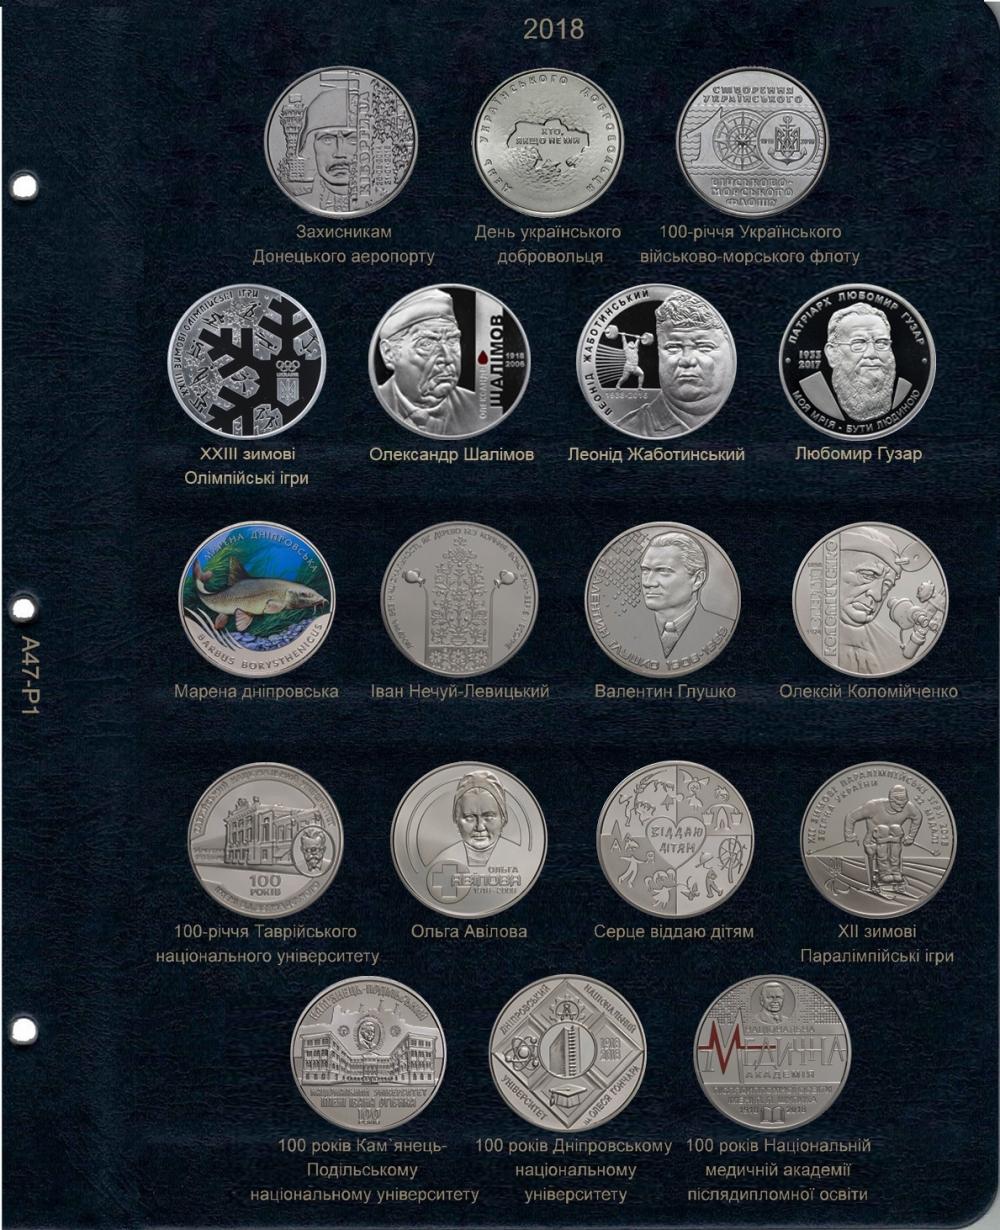 Альбом для юбилейных монет Украины: Том IV c 2018 года - 1